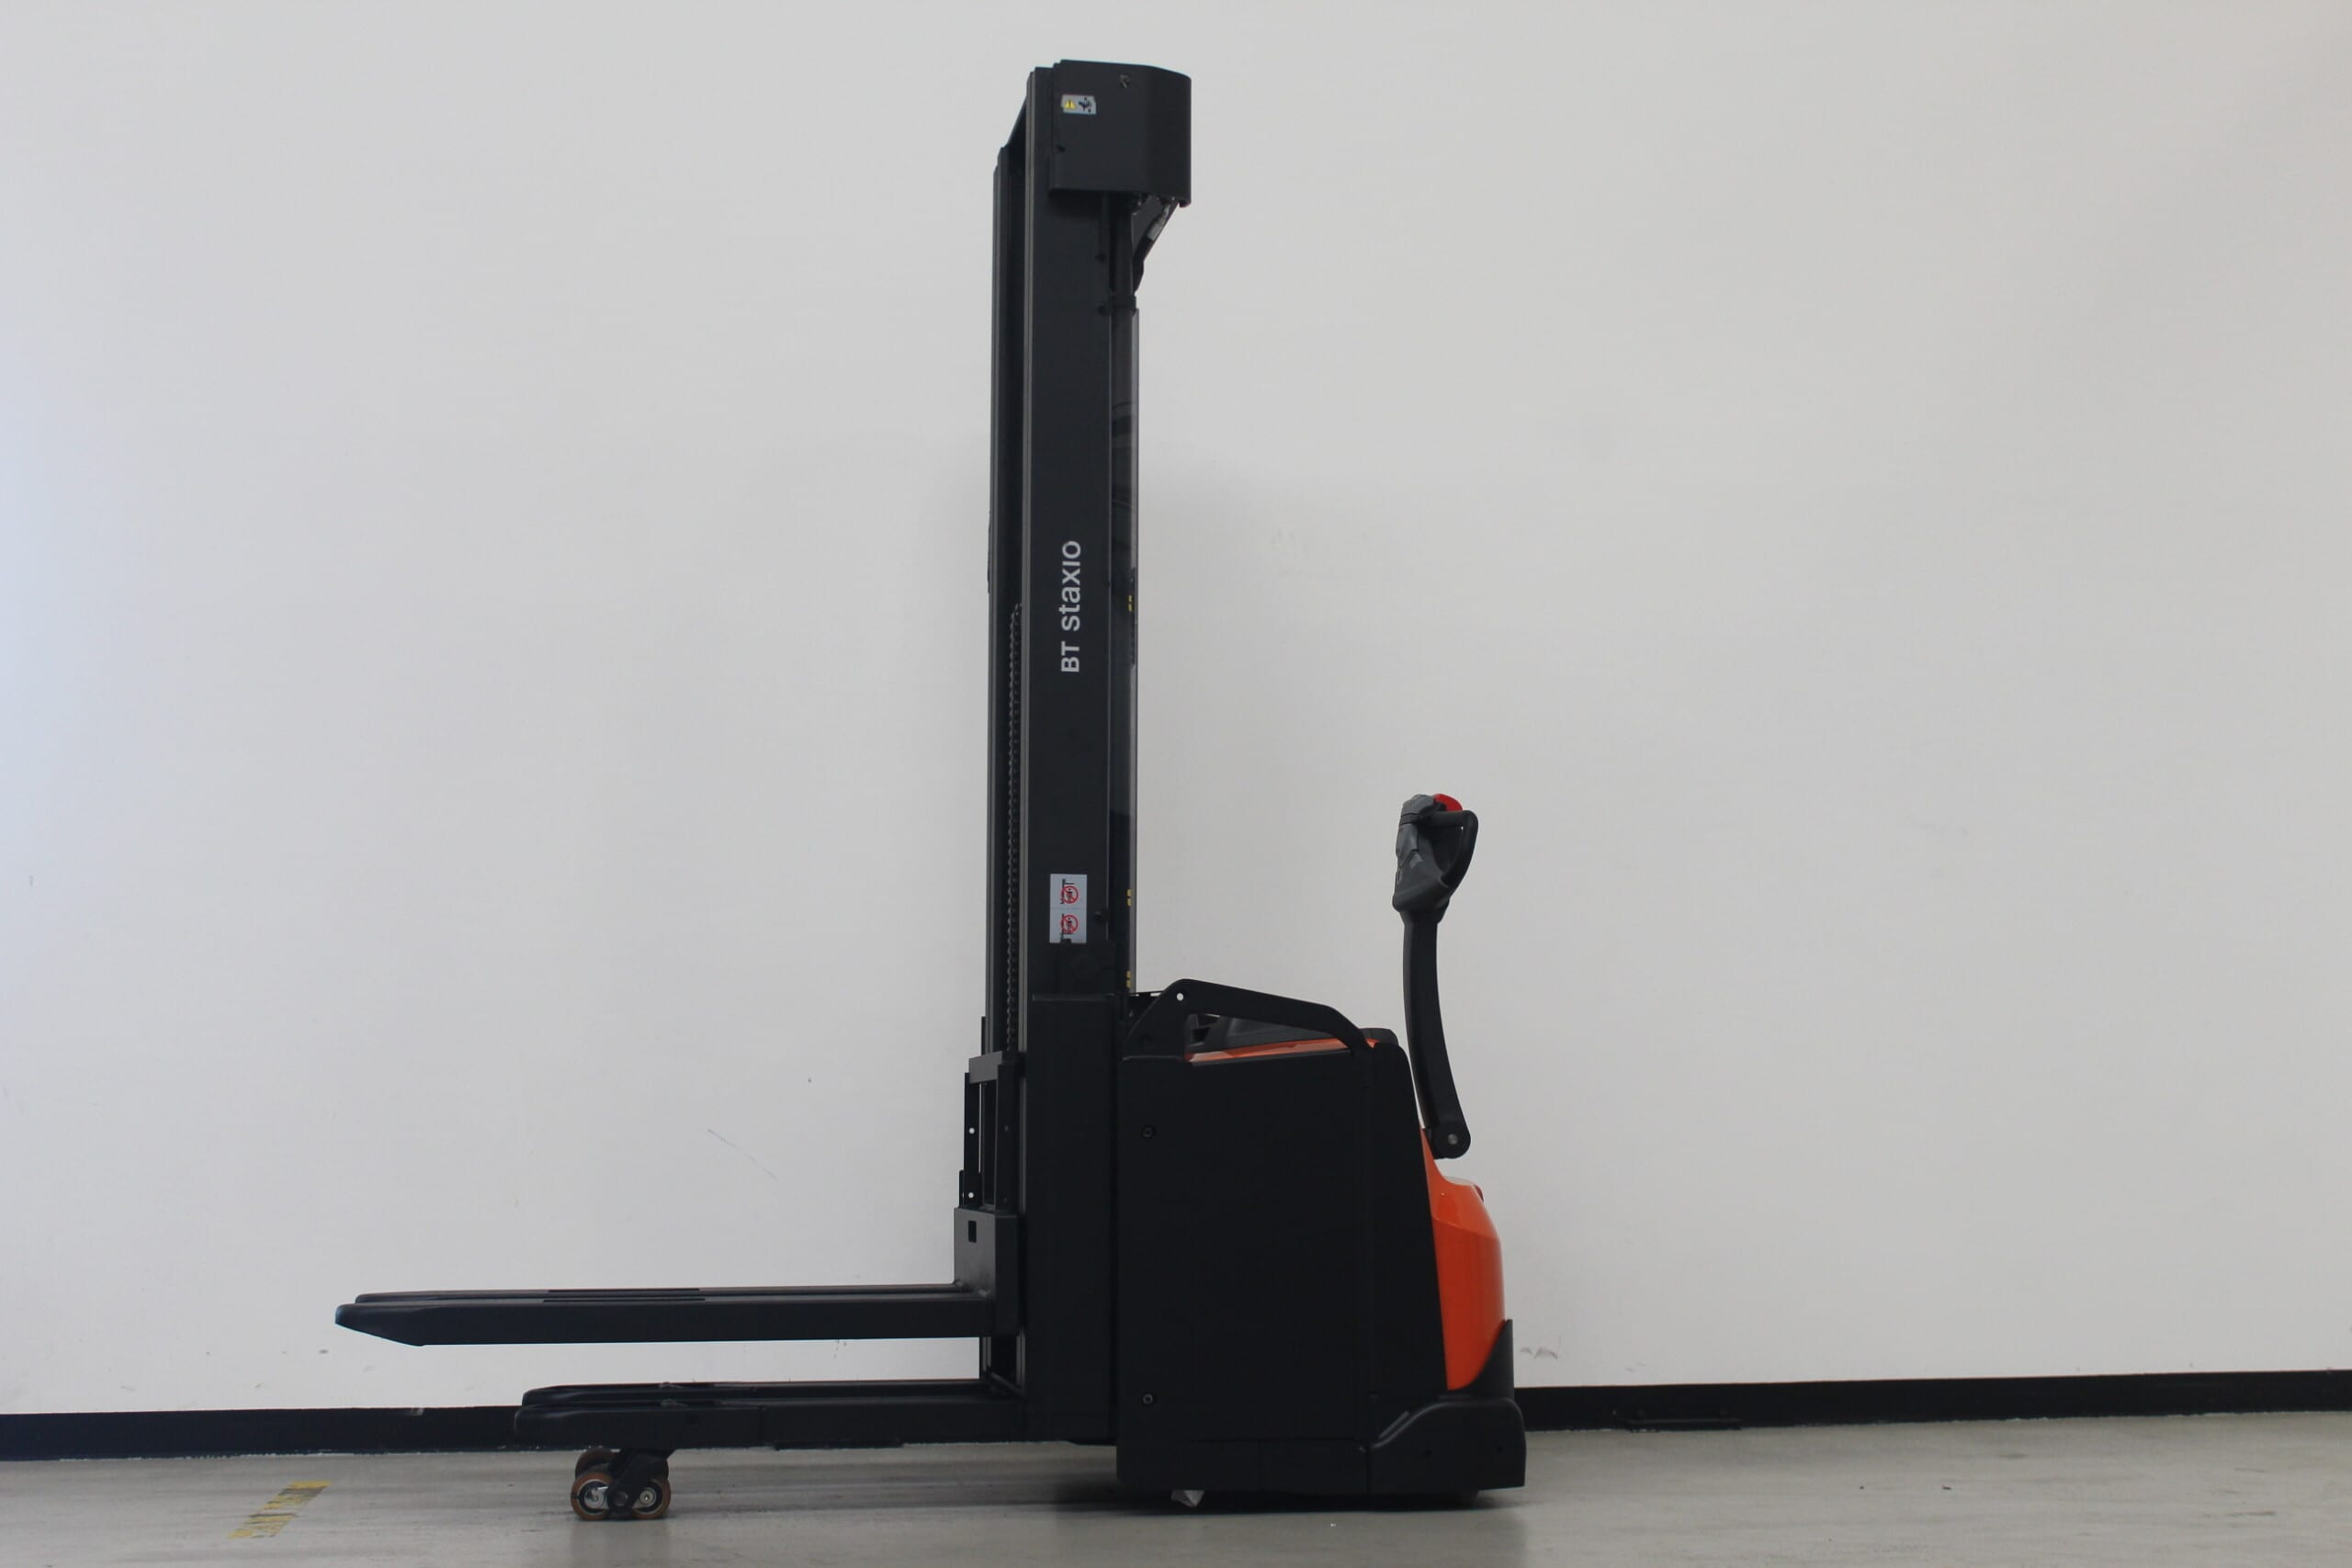 Toyota-Gabelstapler-59840 1807021173 1 scaled